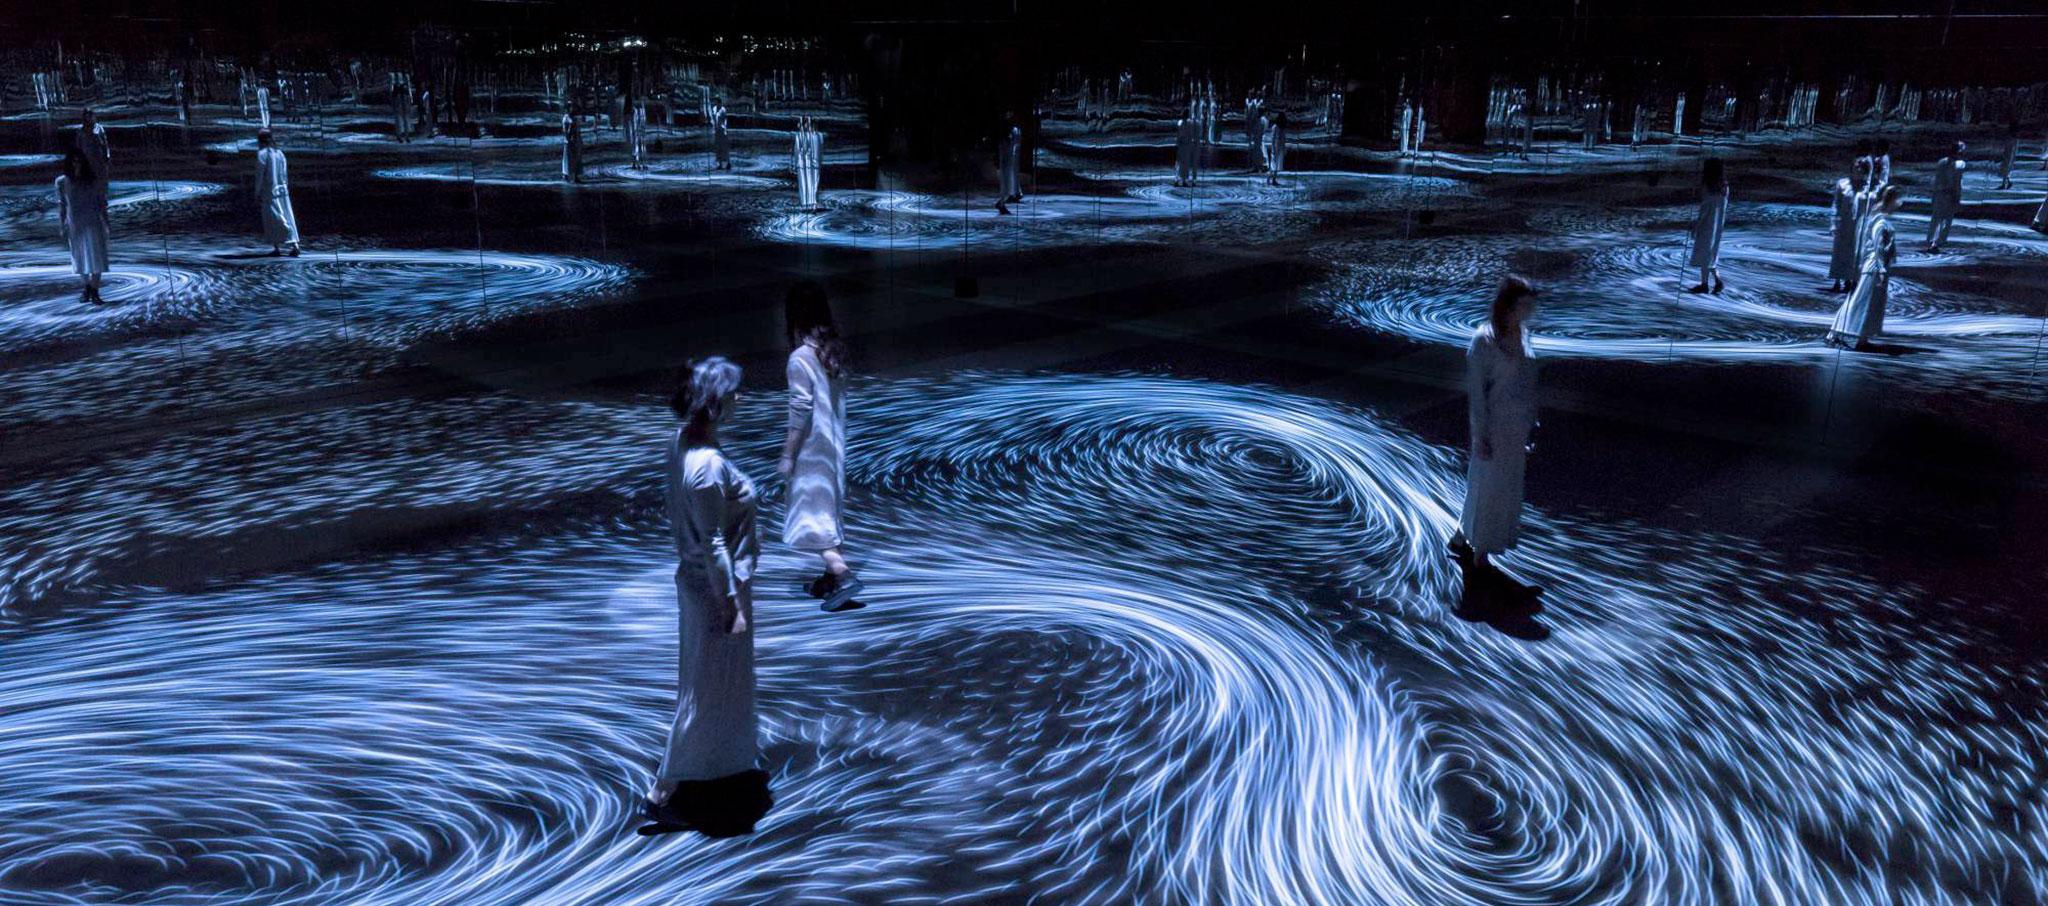 El movimiento crea vortices y los vortices crean movimiento por Teamlab. Imagen cortesía de National Gallery of Victoria (NGV)